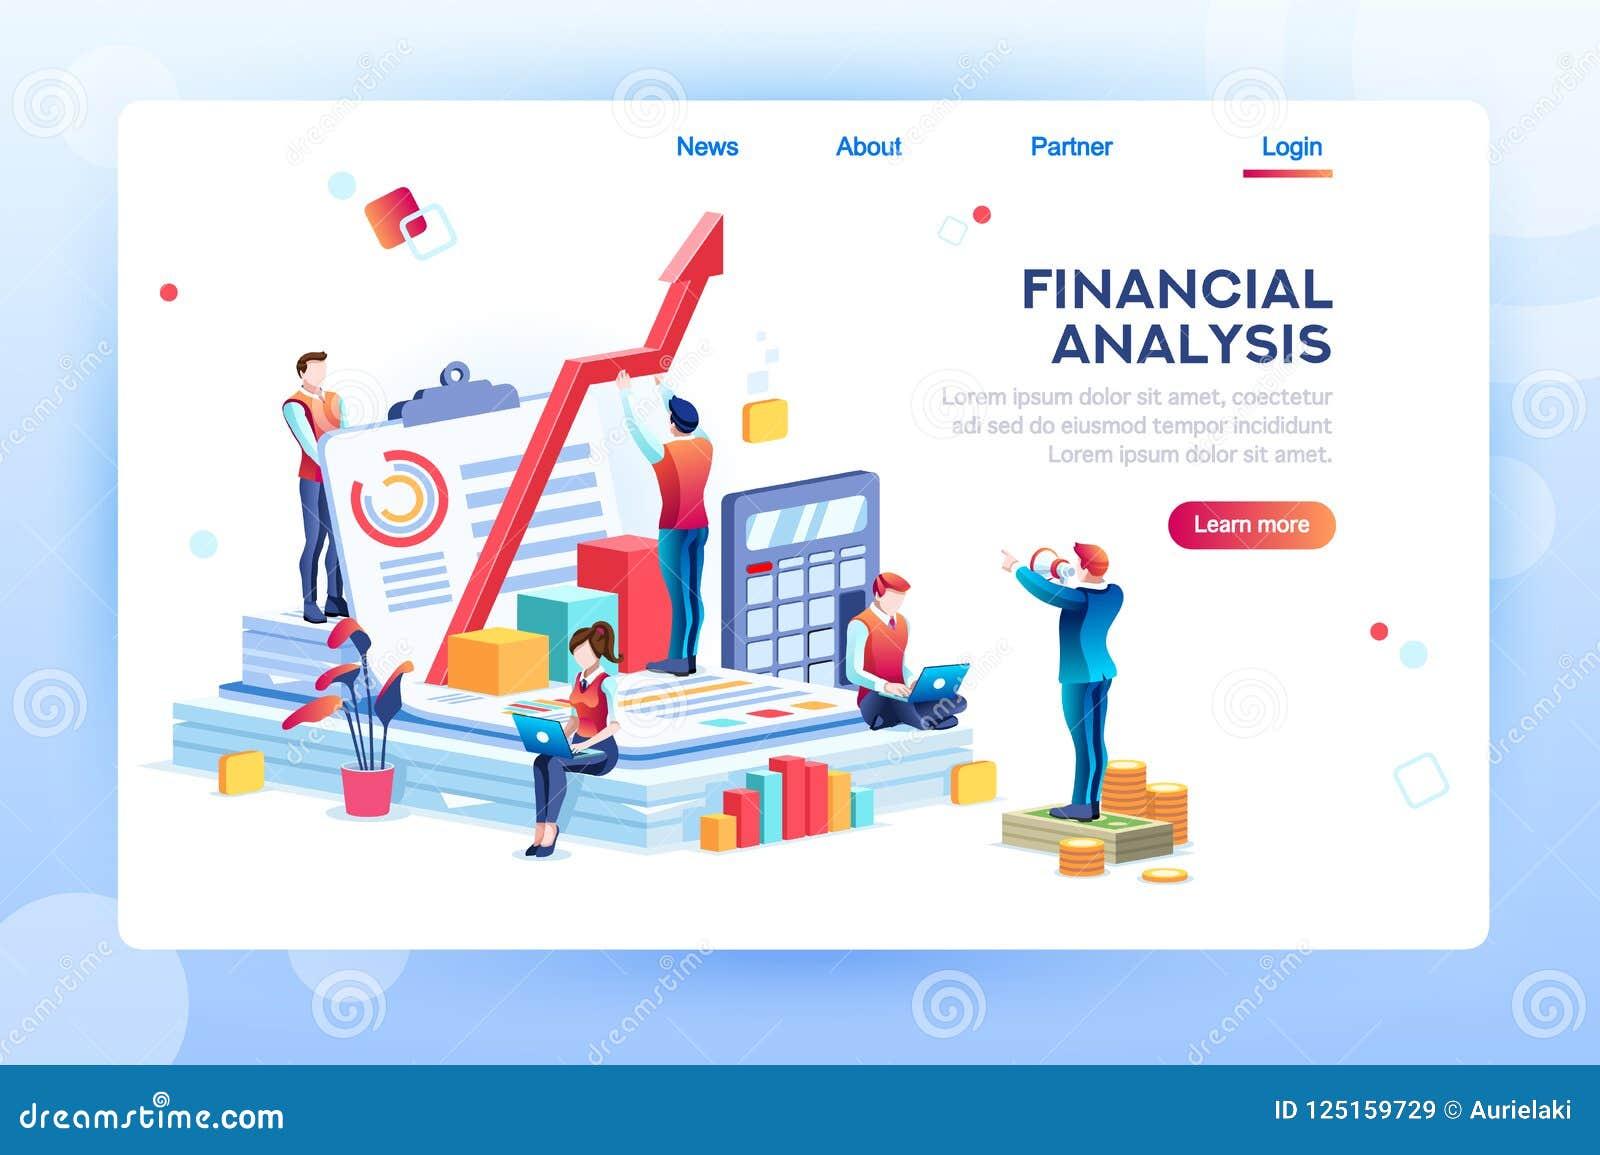 Infographic des Diagramms des finanziellen Risikos